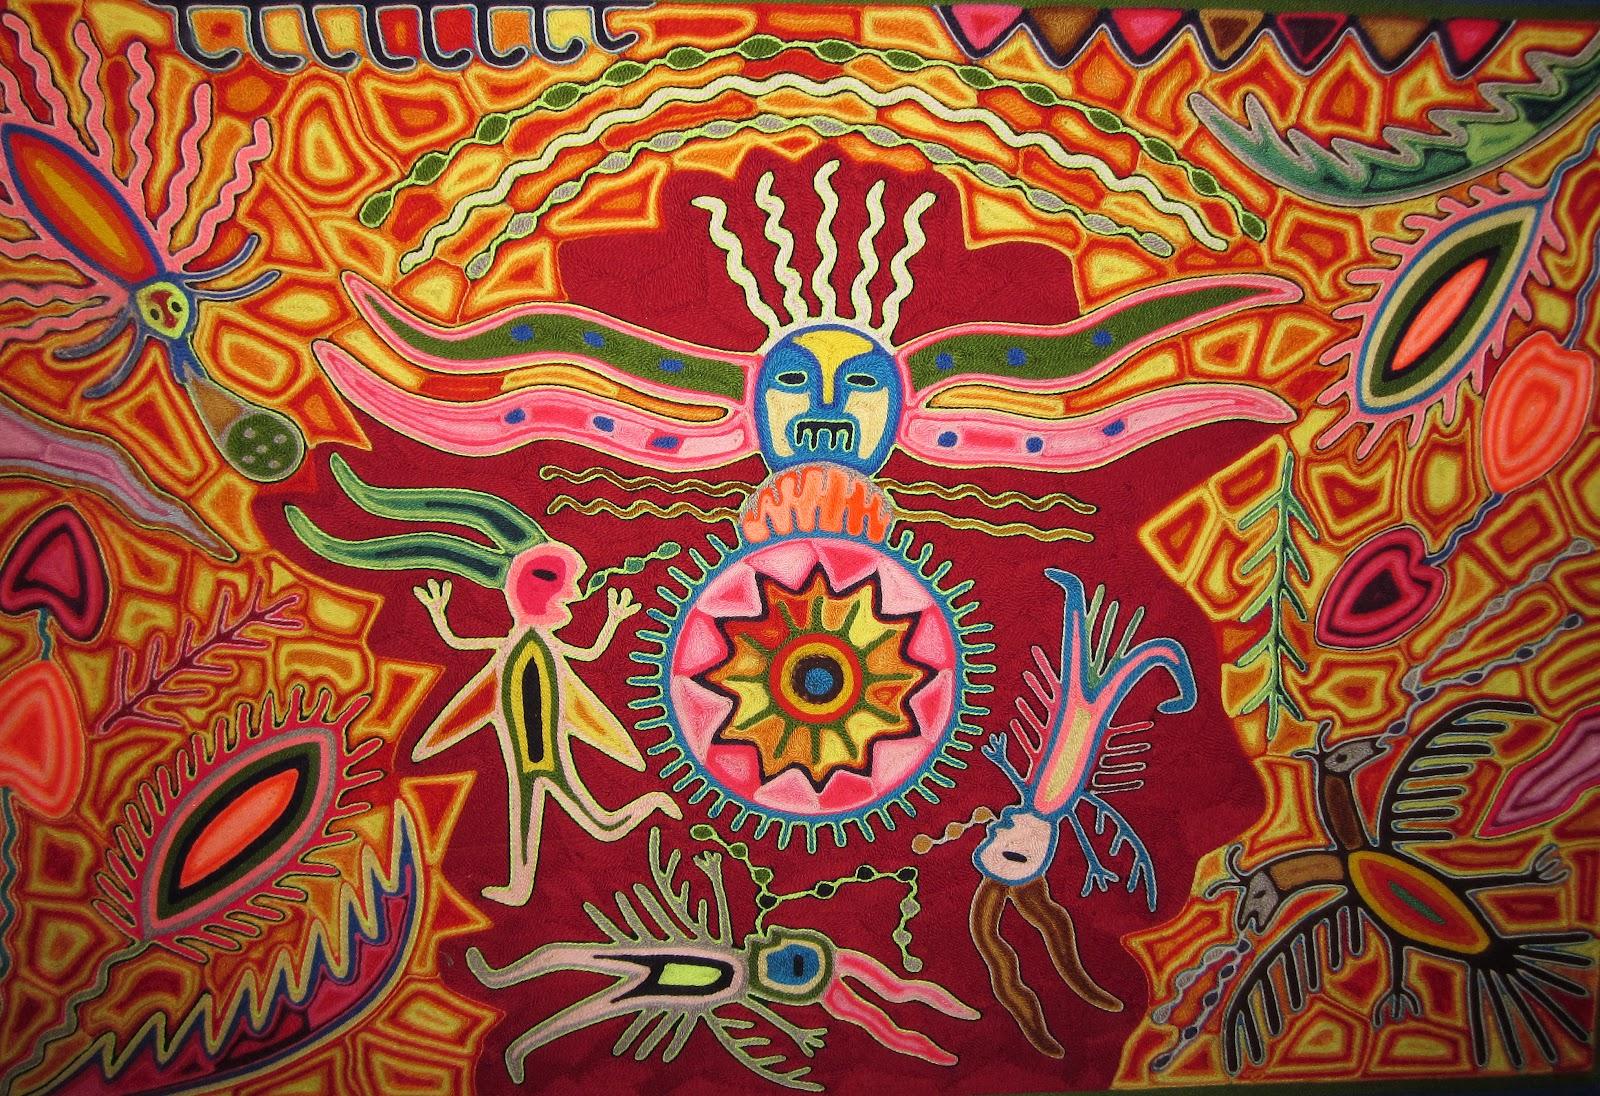 индейцы пейот картинки рисунки безусловно облегчает прочтение